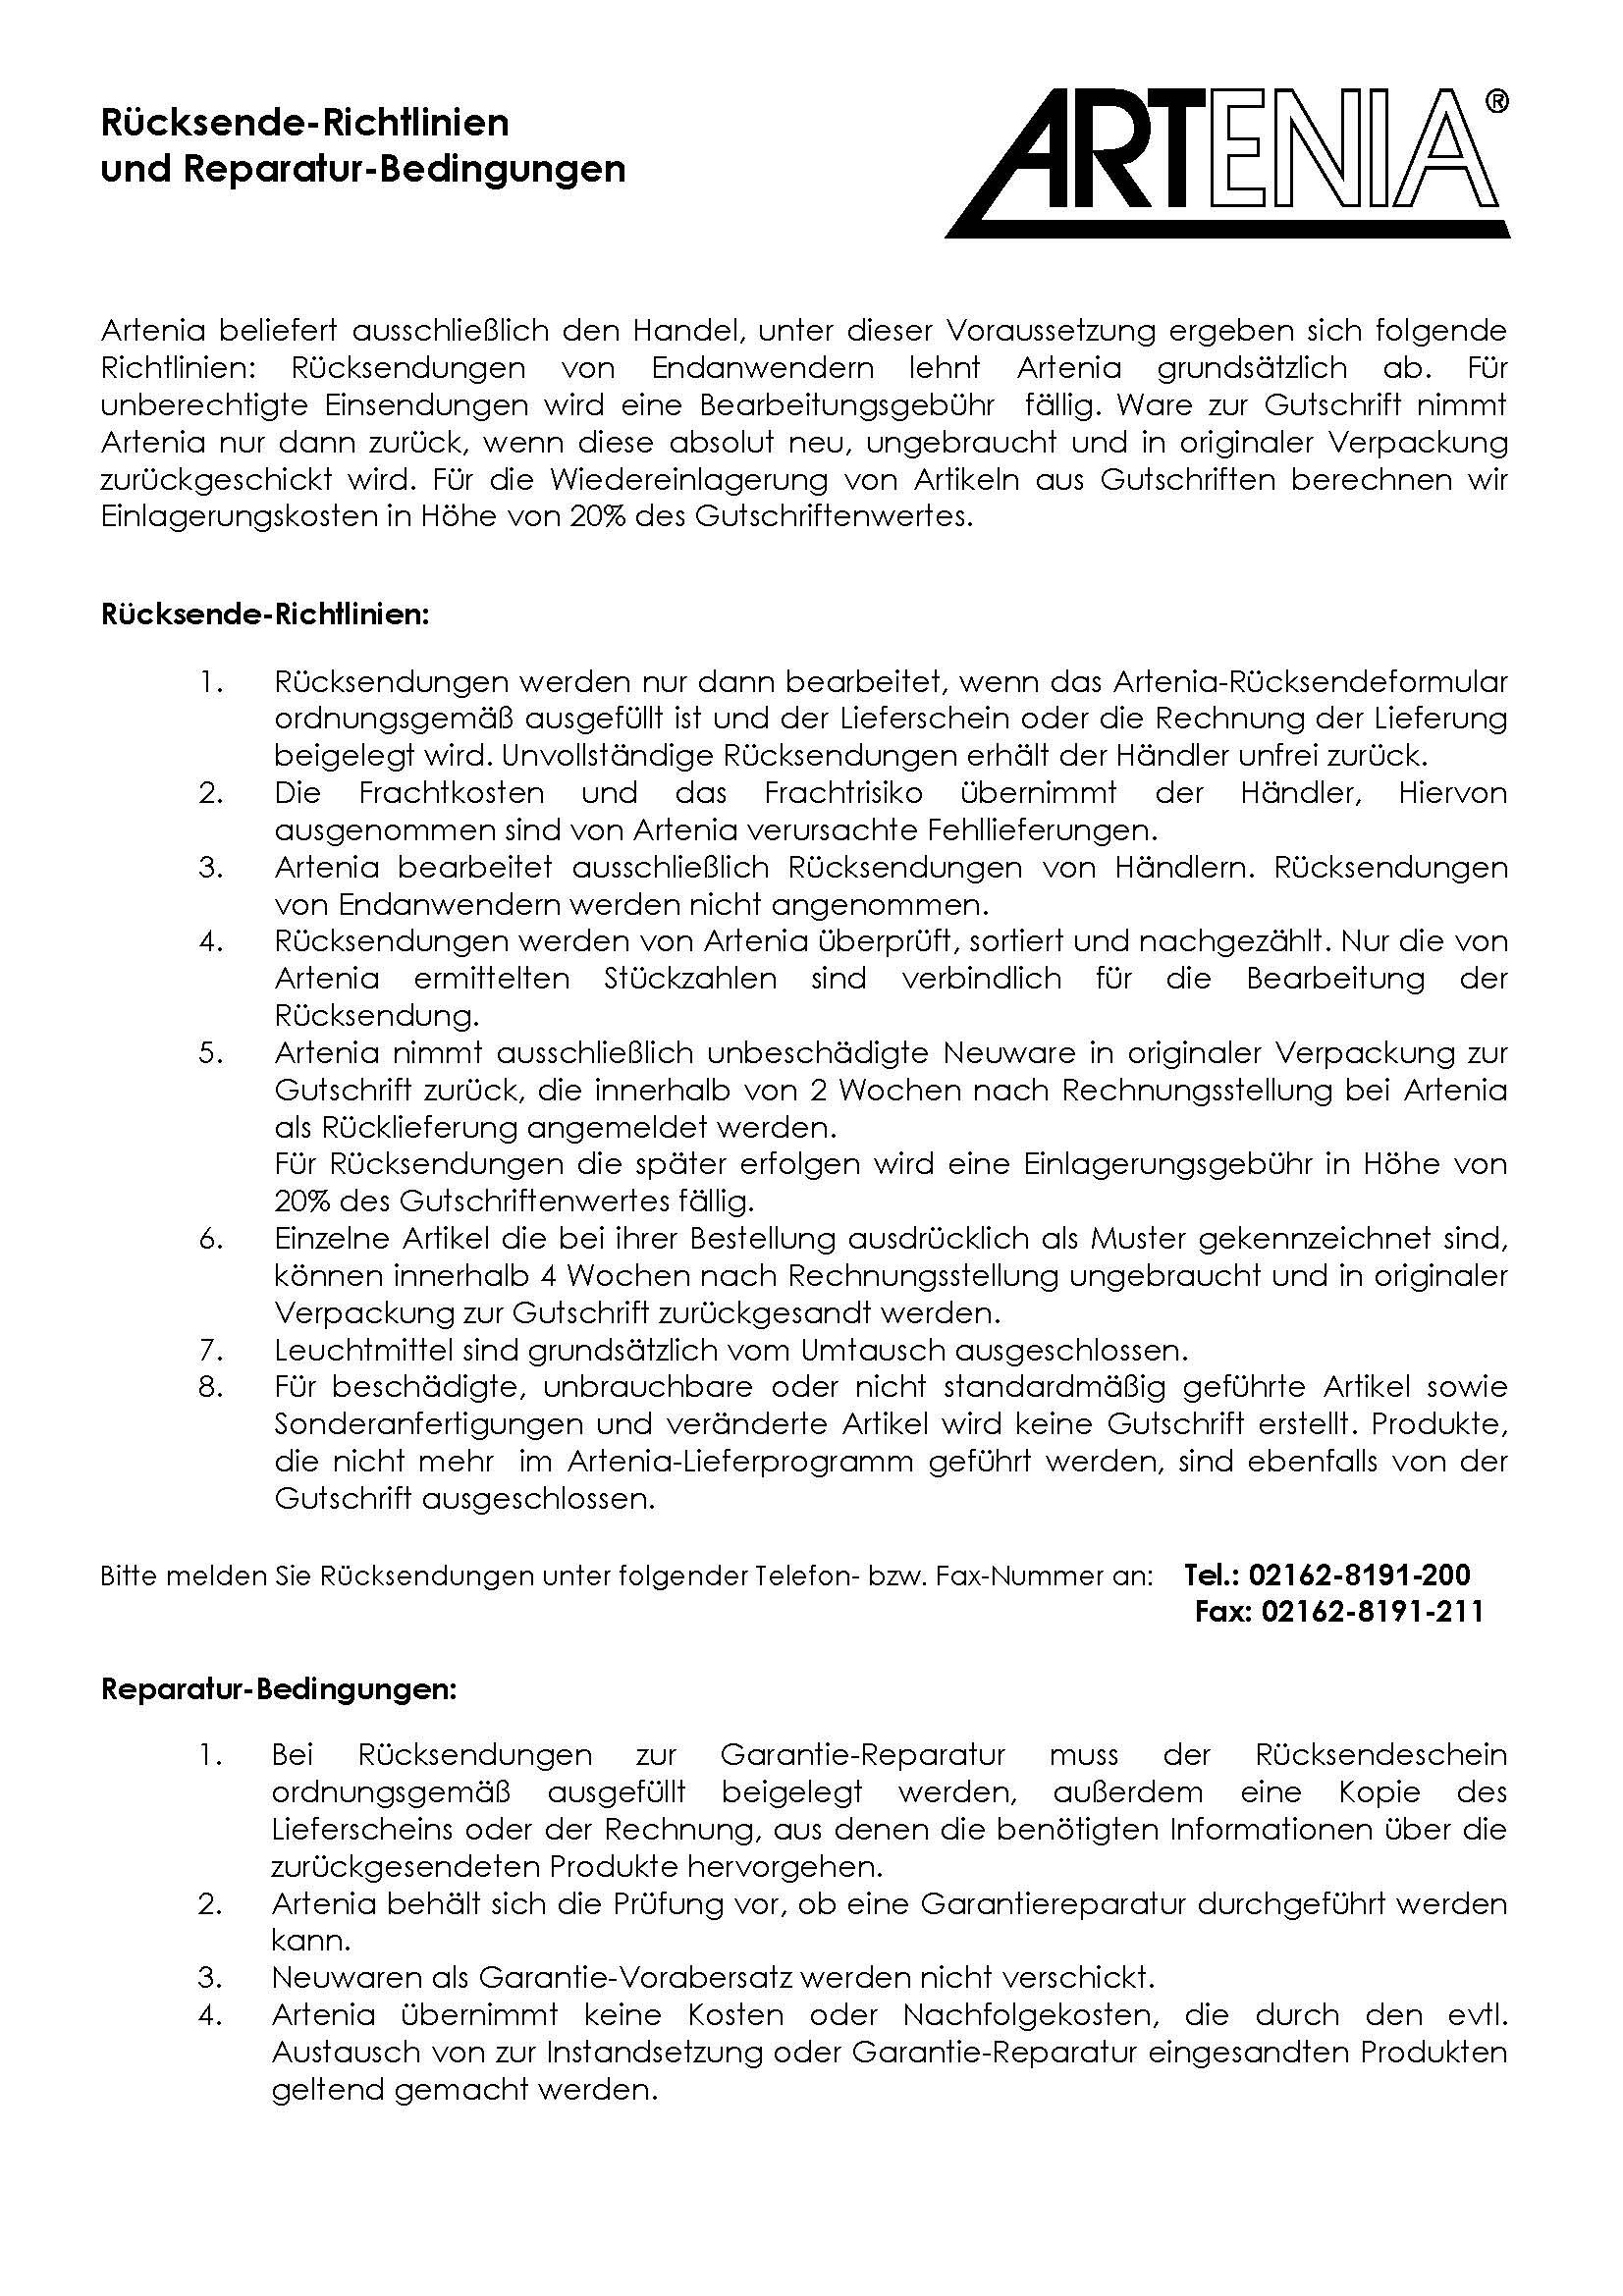 Artenia_Ruecksenderichtlinie